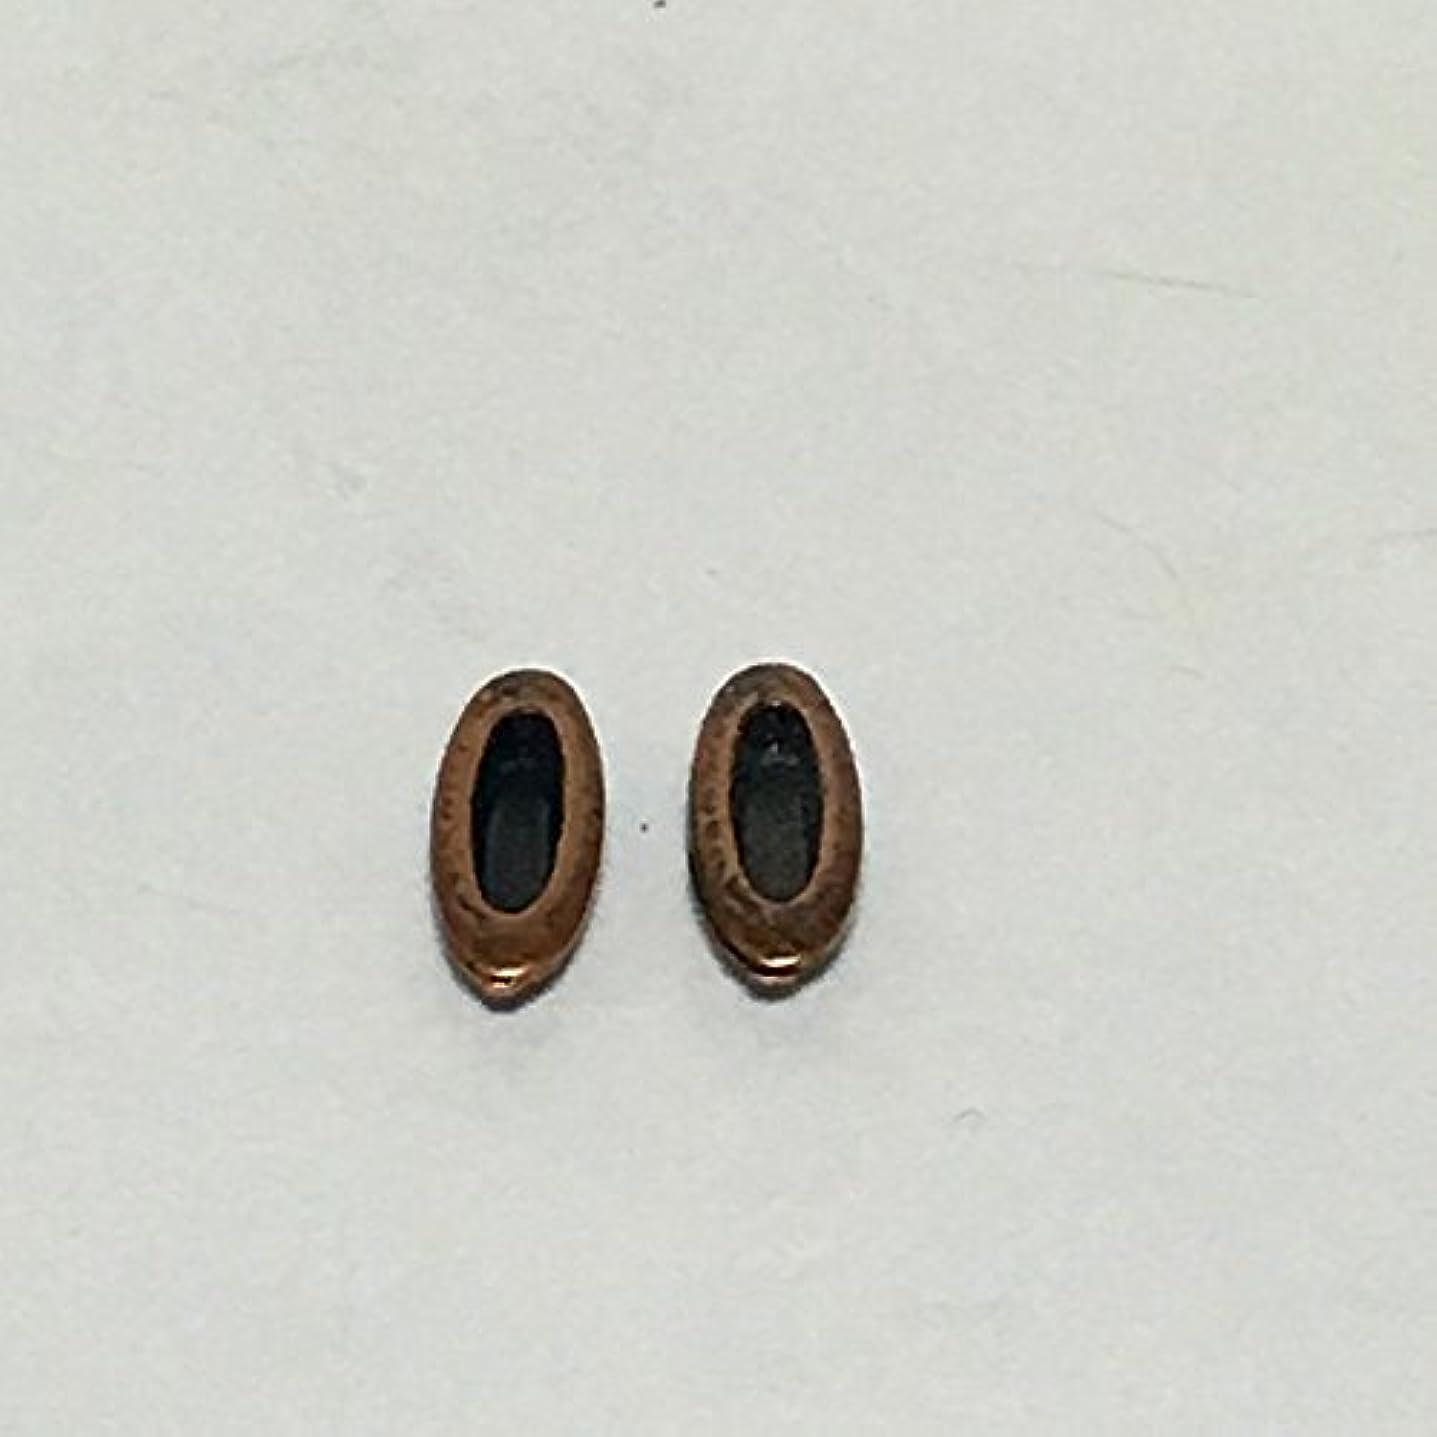 見る人北効能あるふすま用 引手 建具用 舟形引手 (和家具?建具用金具) 6-1485